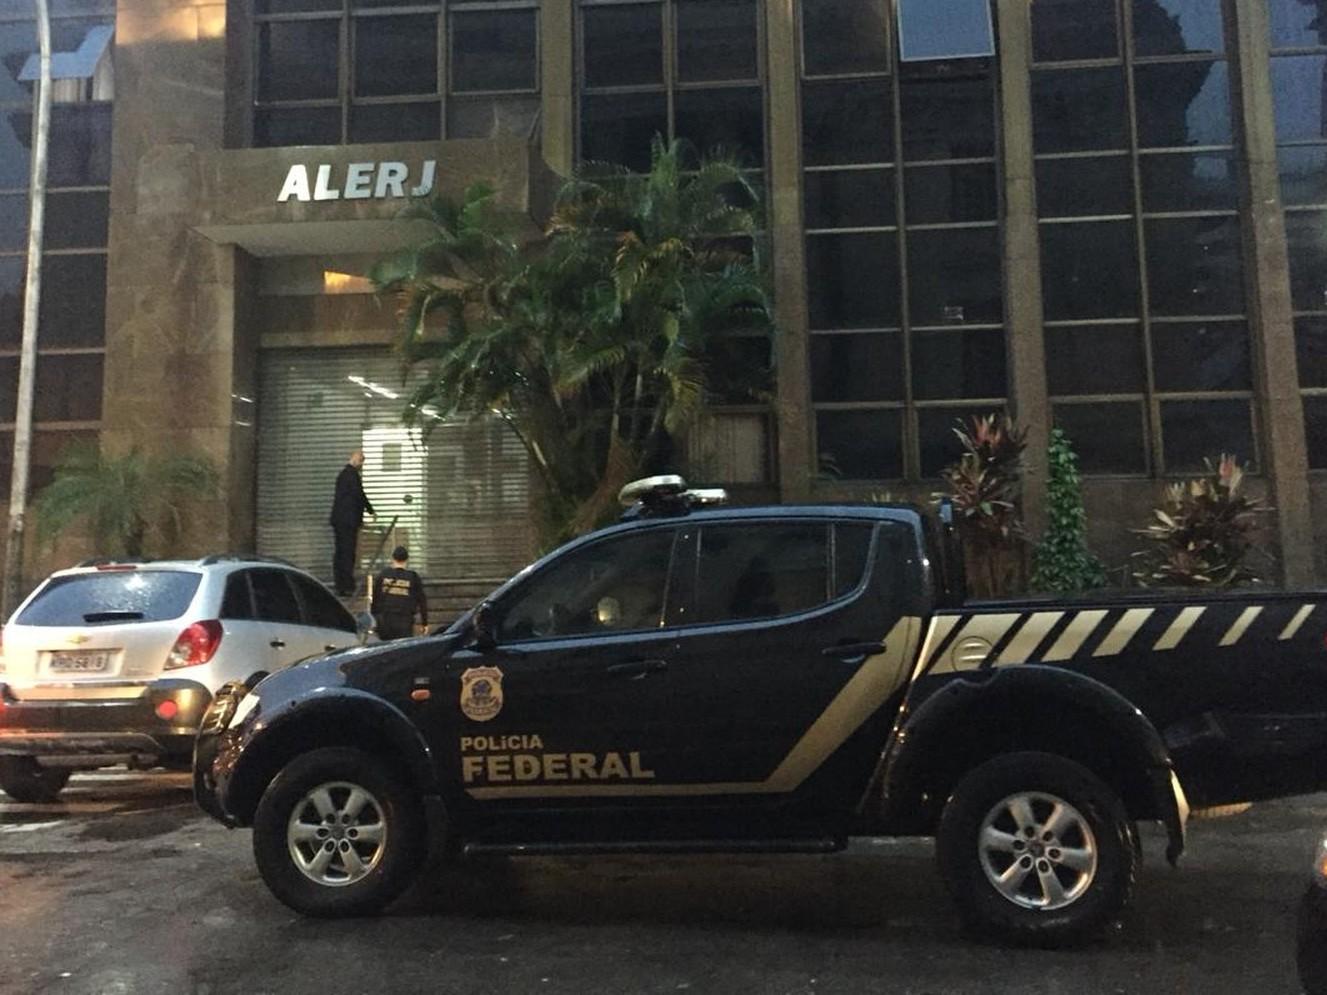 Justiça quebra sigilos de deputados e assessores da Alerj